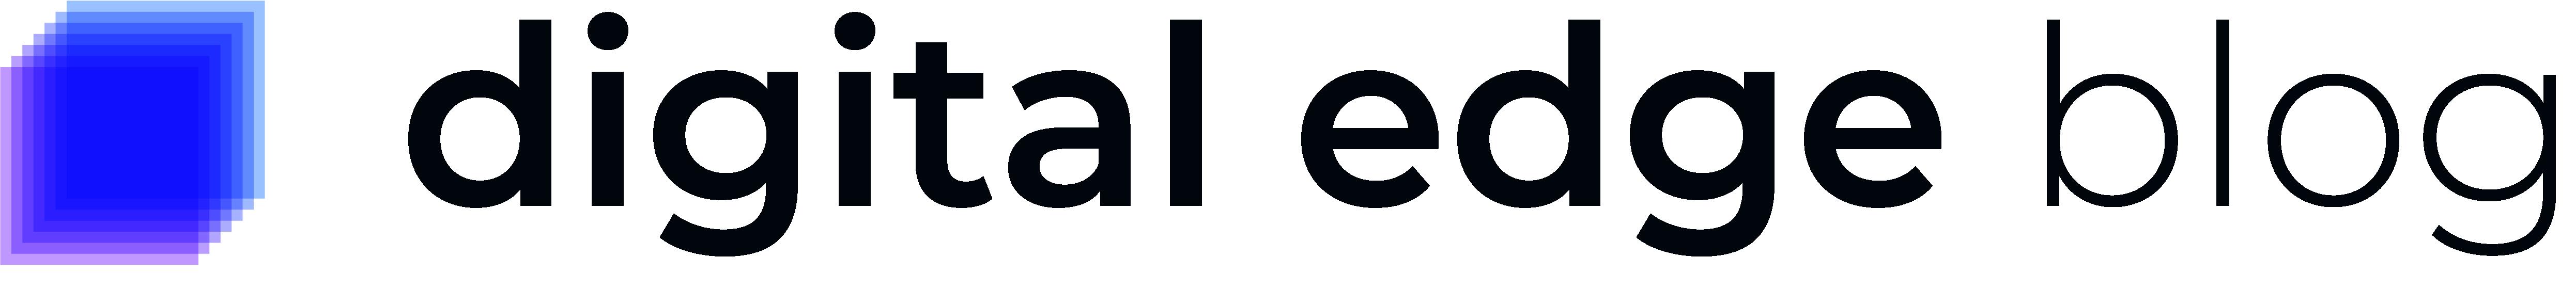 Digital Edge Blog logo